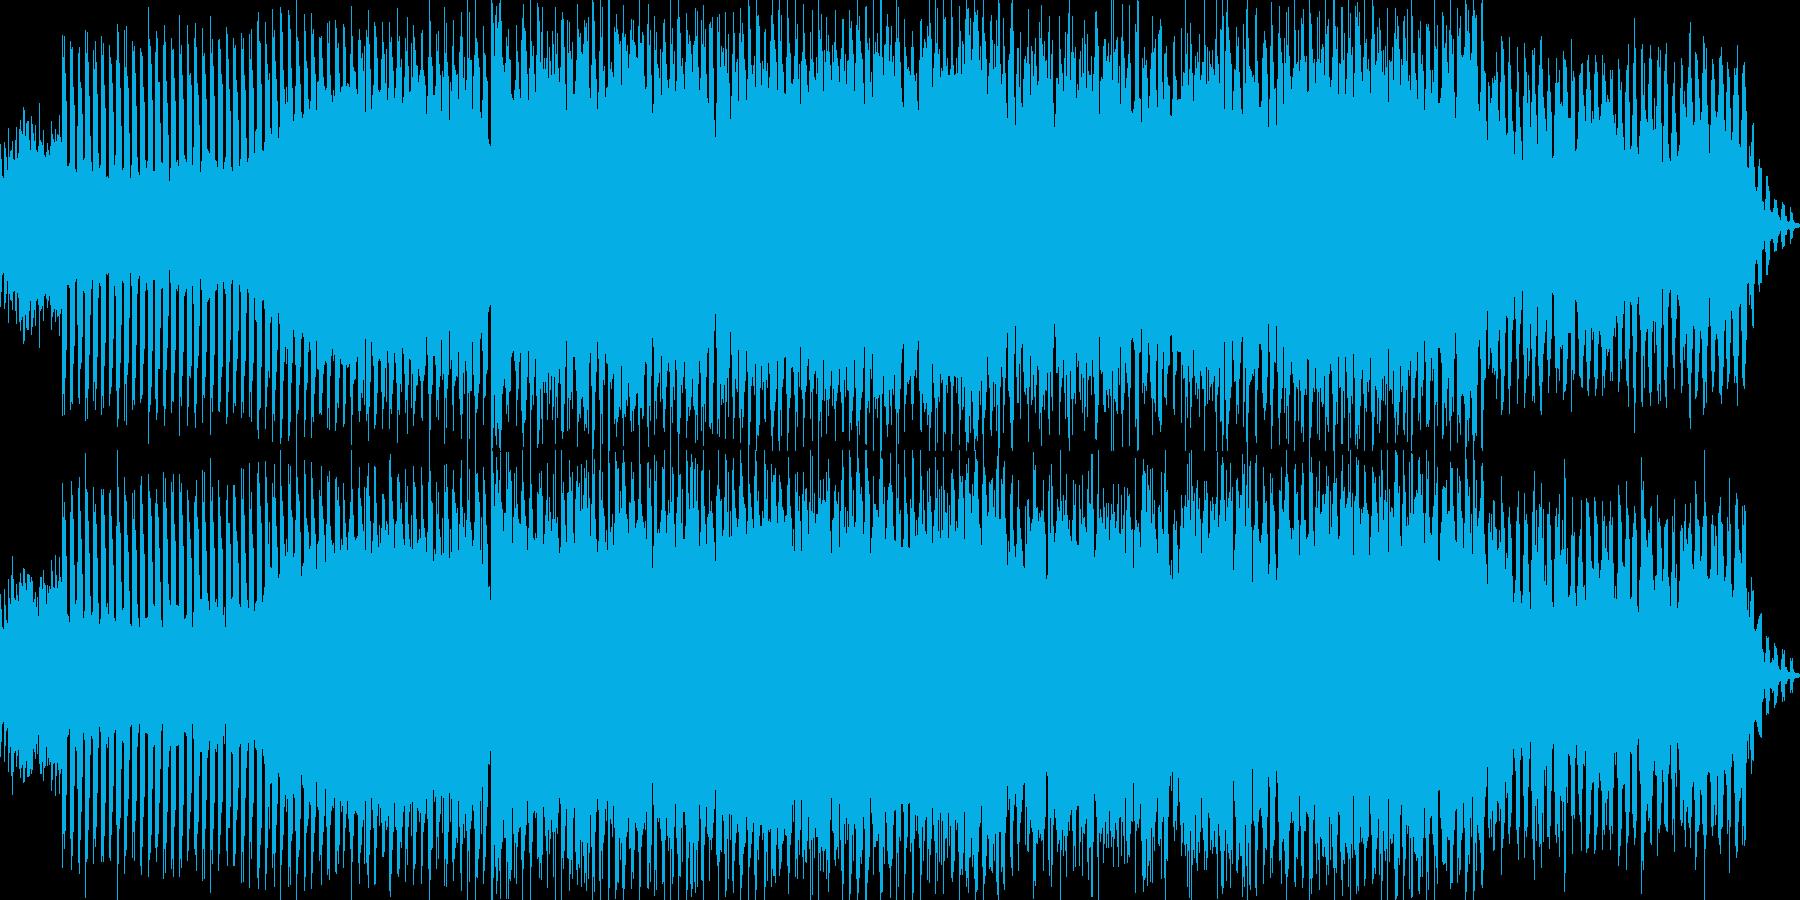 宇宙っぽいクイズのシンキングタイムの再生済みの波形